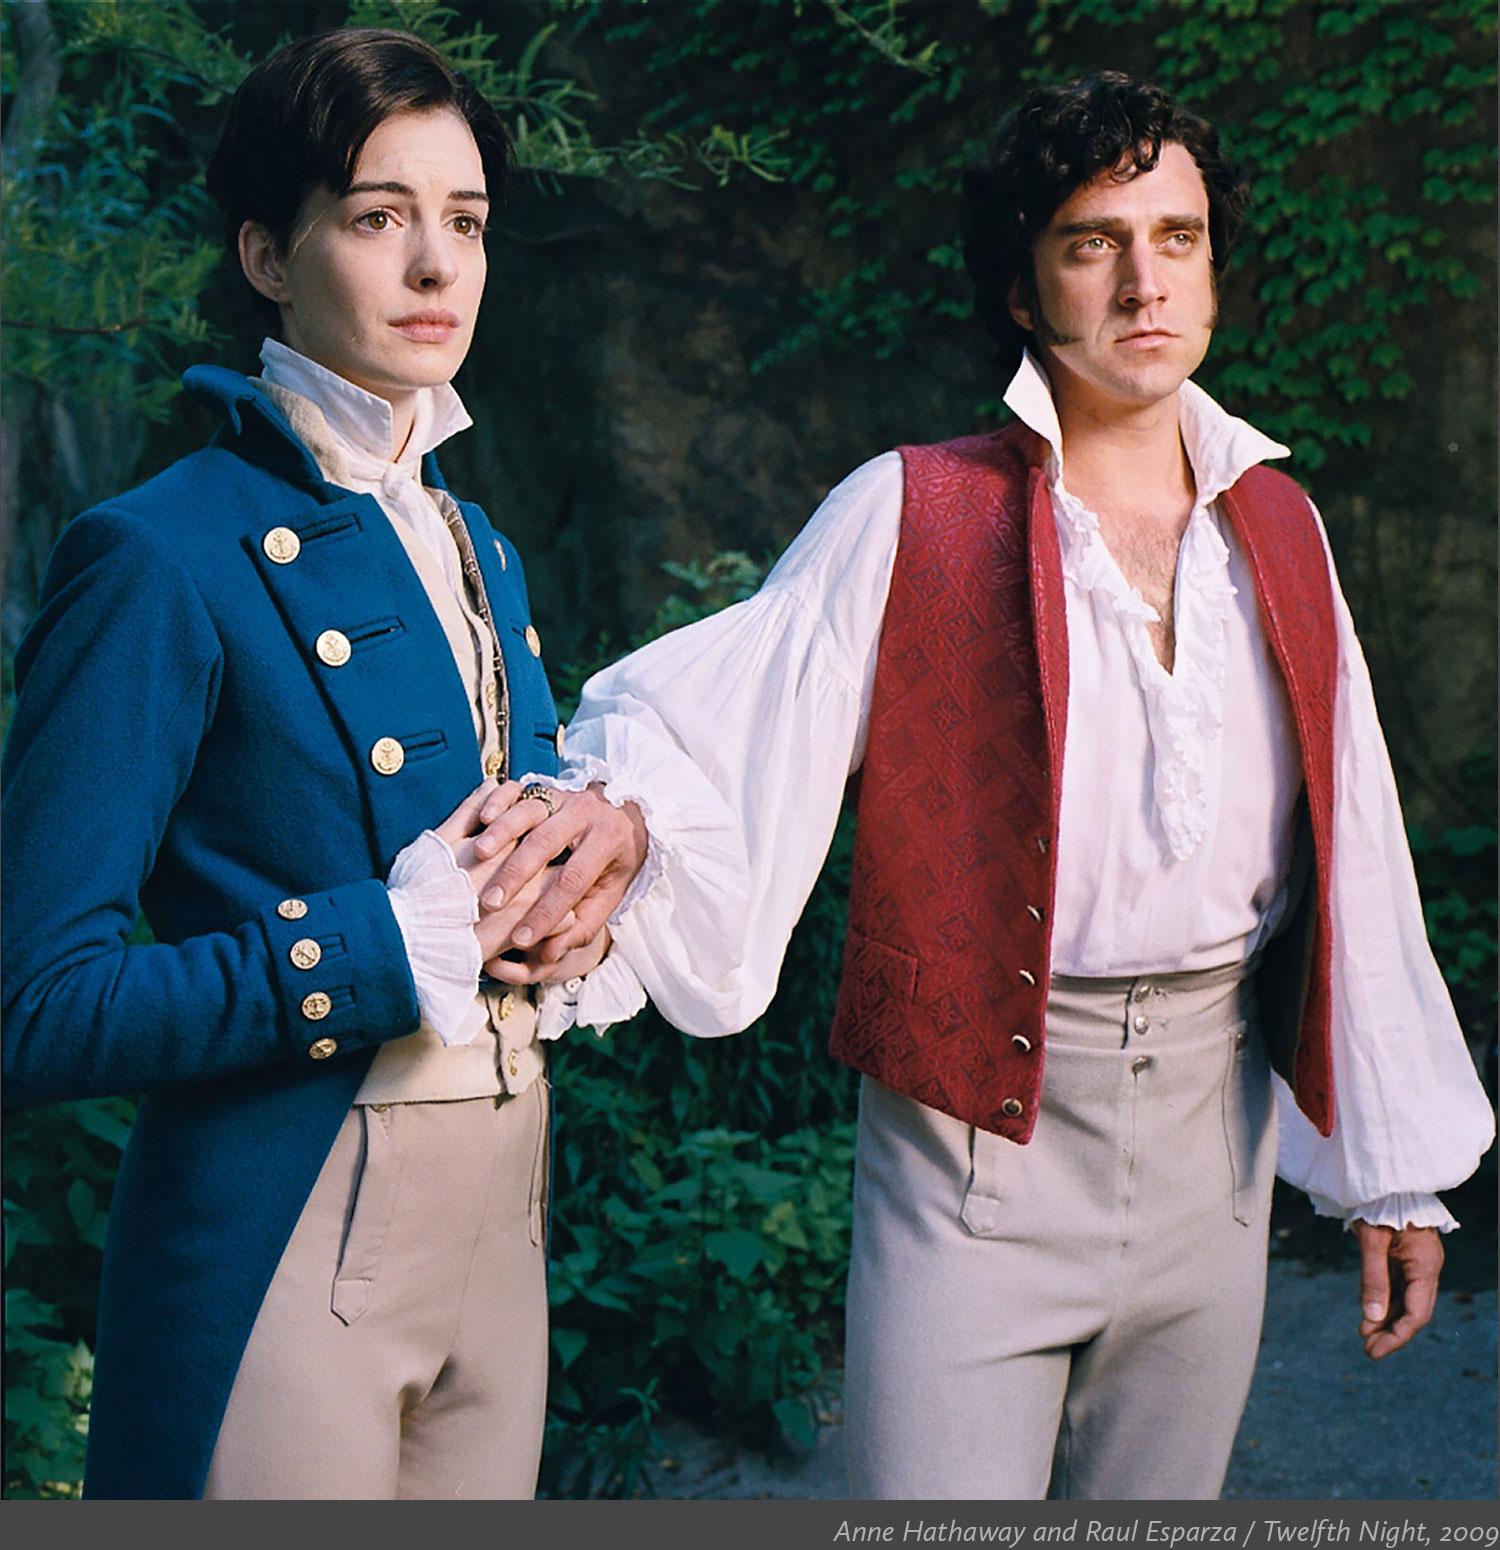 20_Anne-Hathaway-and-Raul-Esparza_Twelfth-Night-2009.jpg